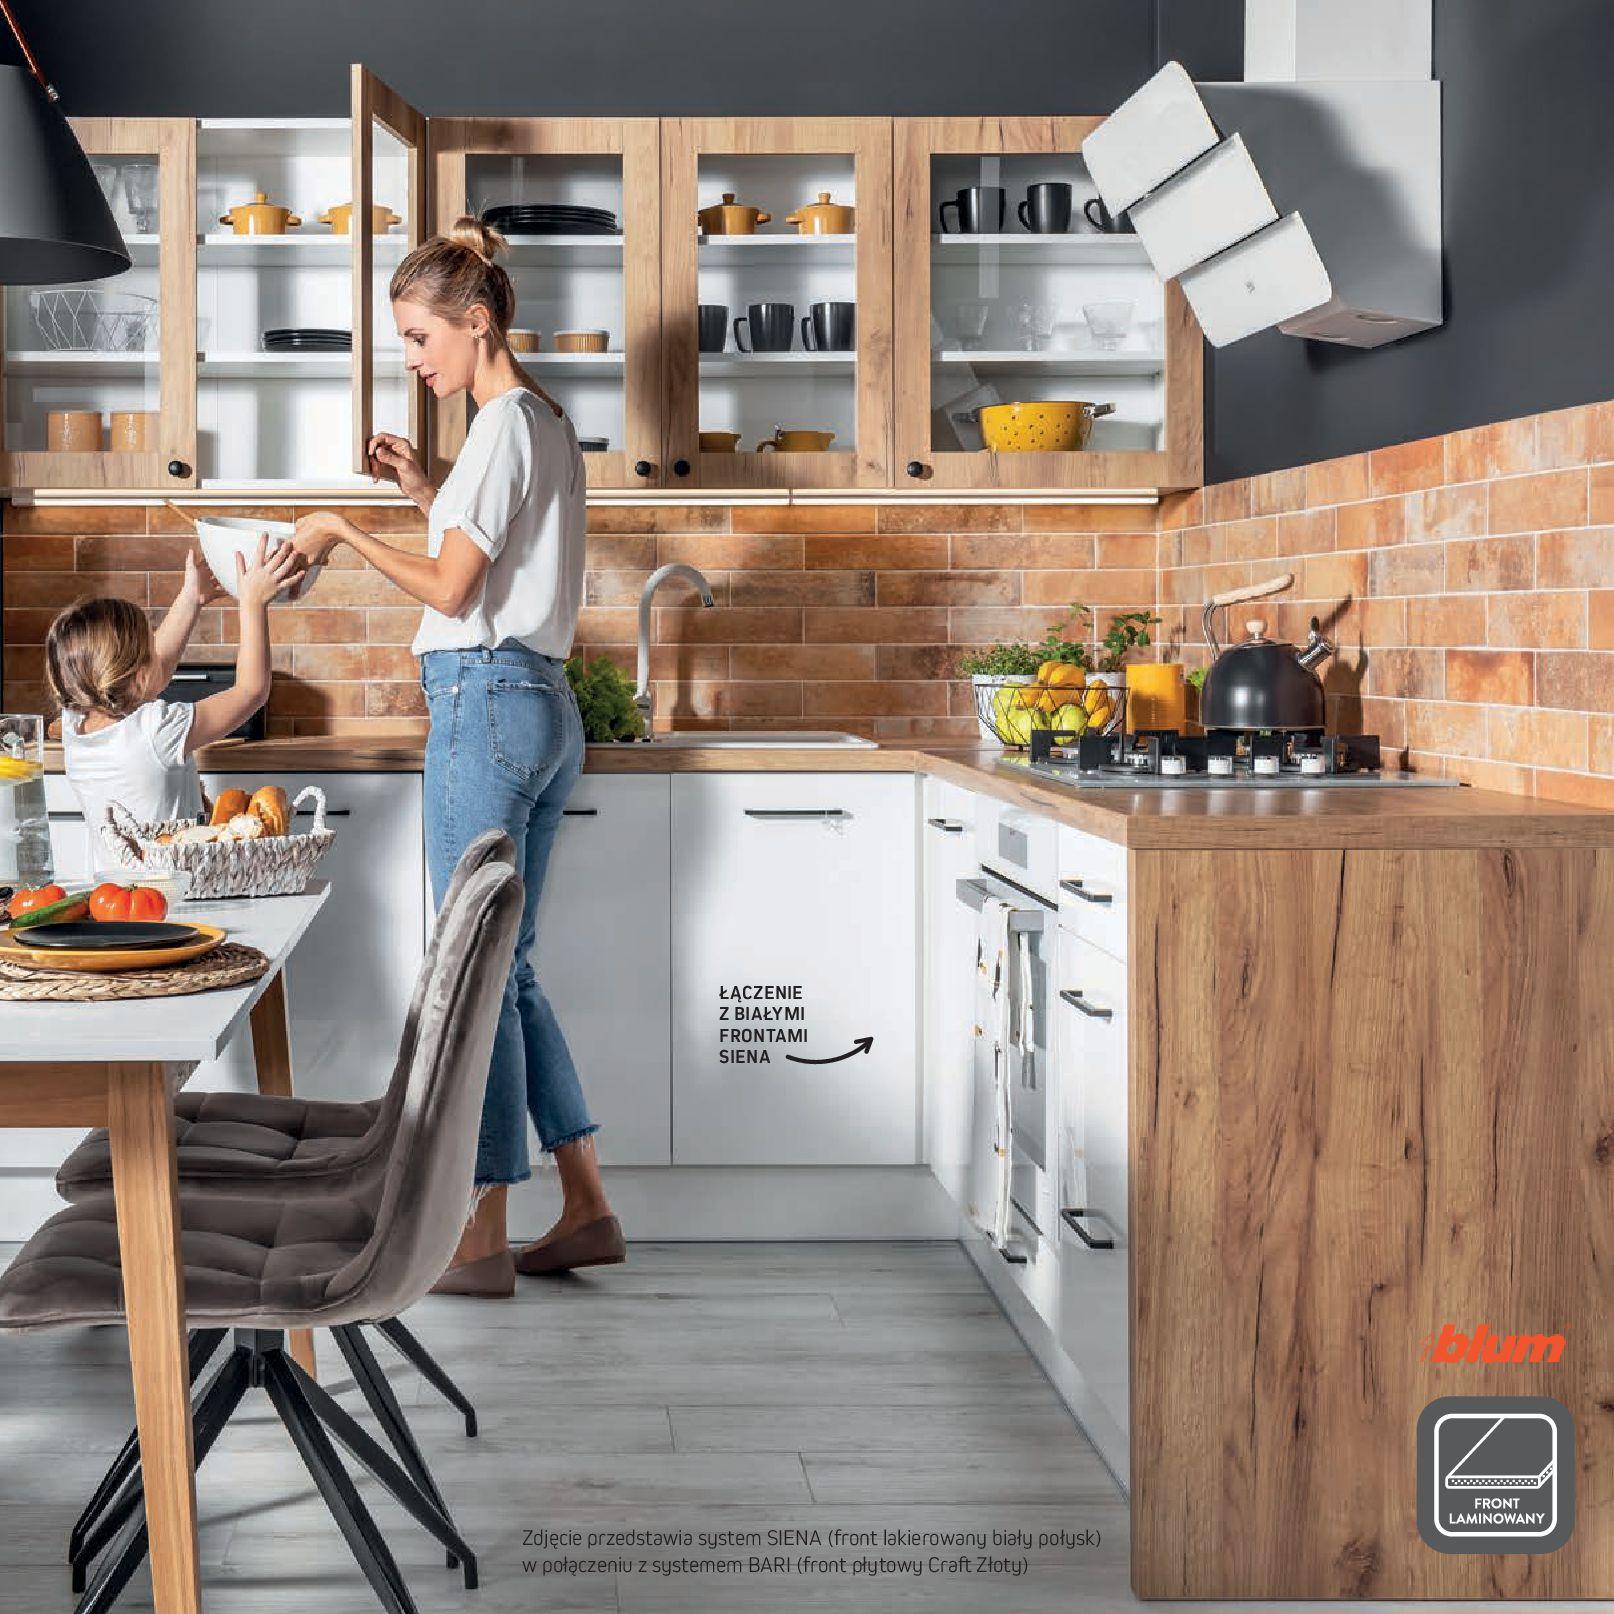 Gazetka Komfort: Gazetka Komfort - Katalog Kuchnie 2021 2021-06-16 page-49